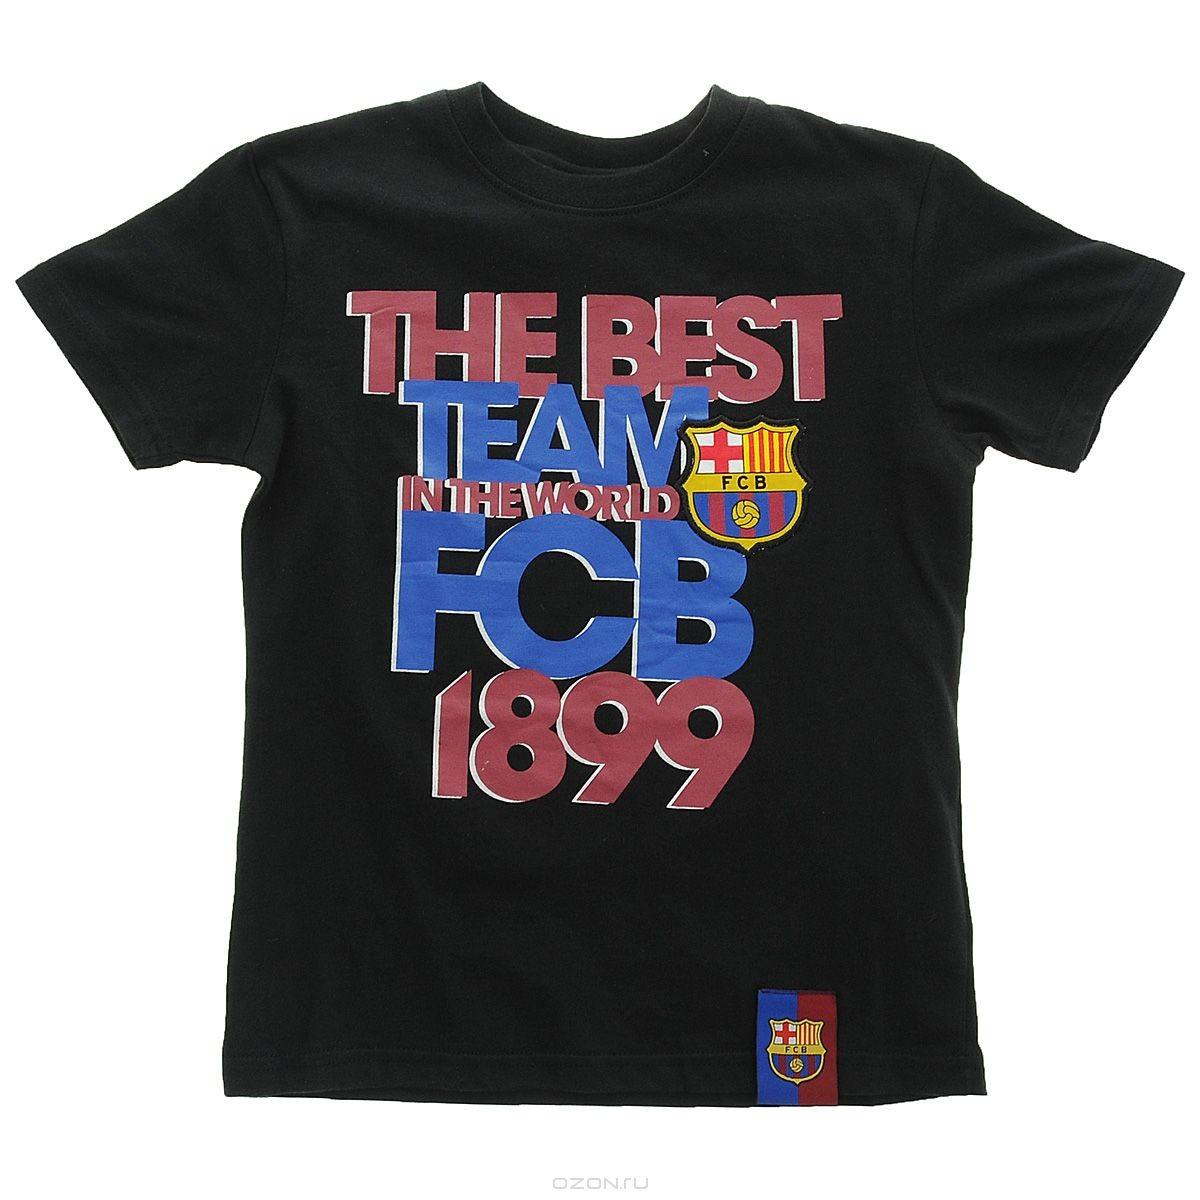 Детская футболка. Размер: 44